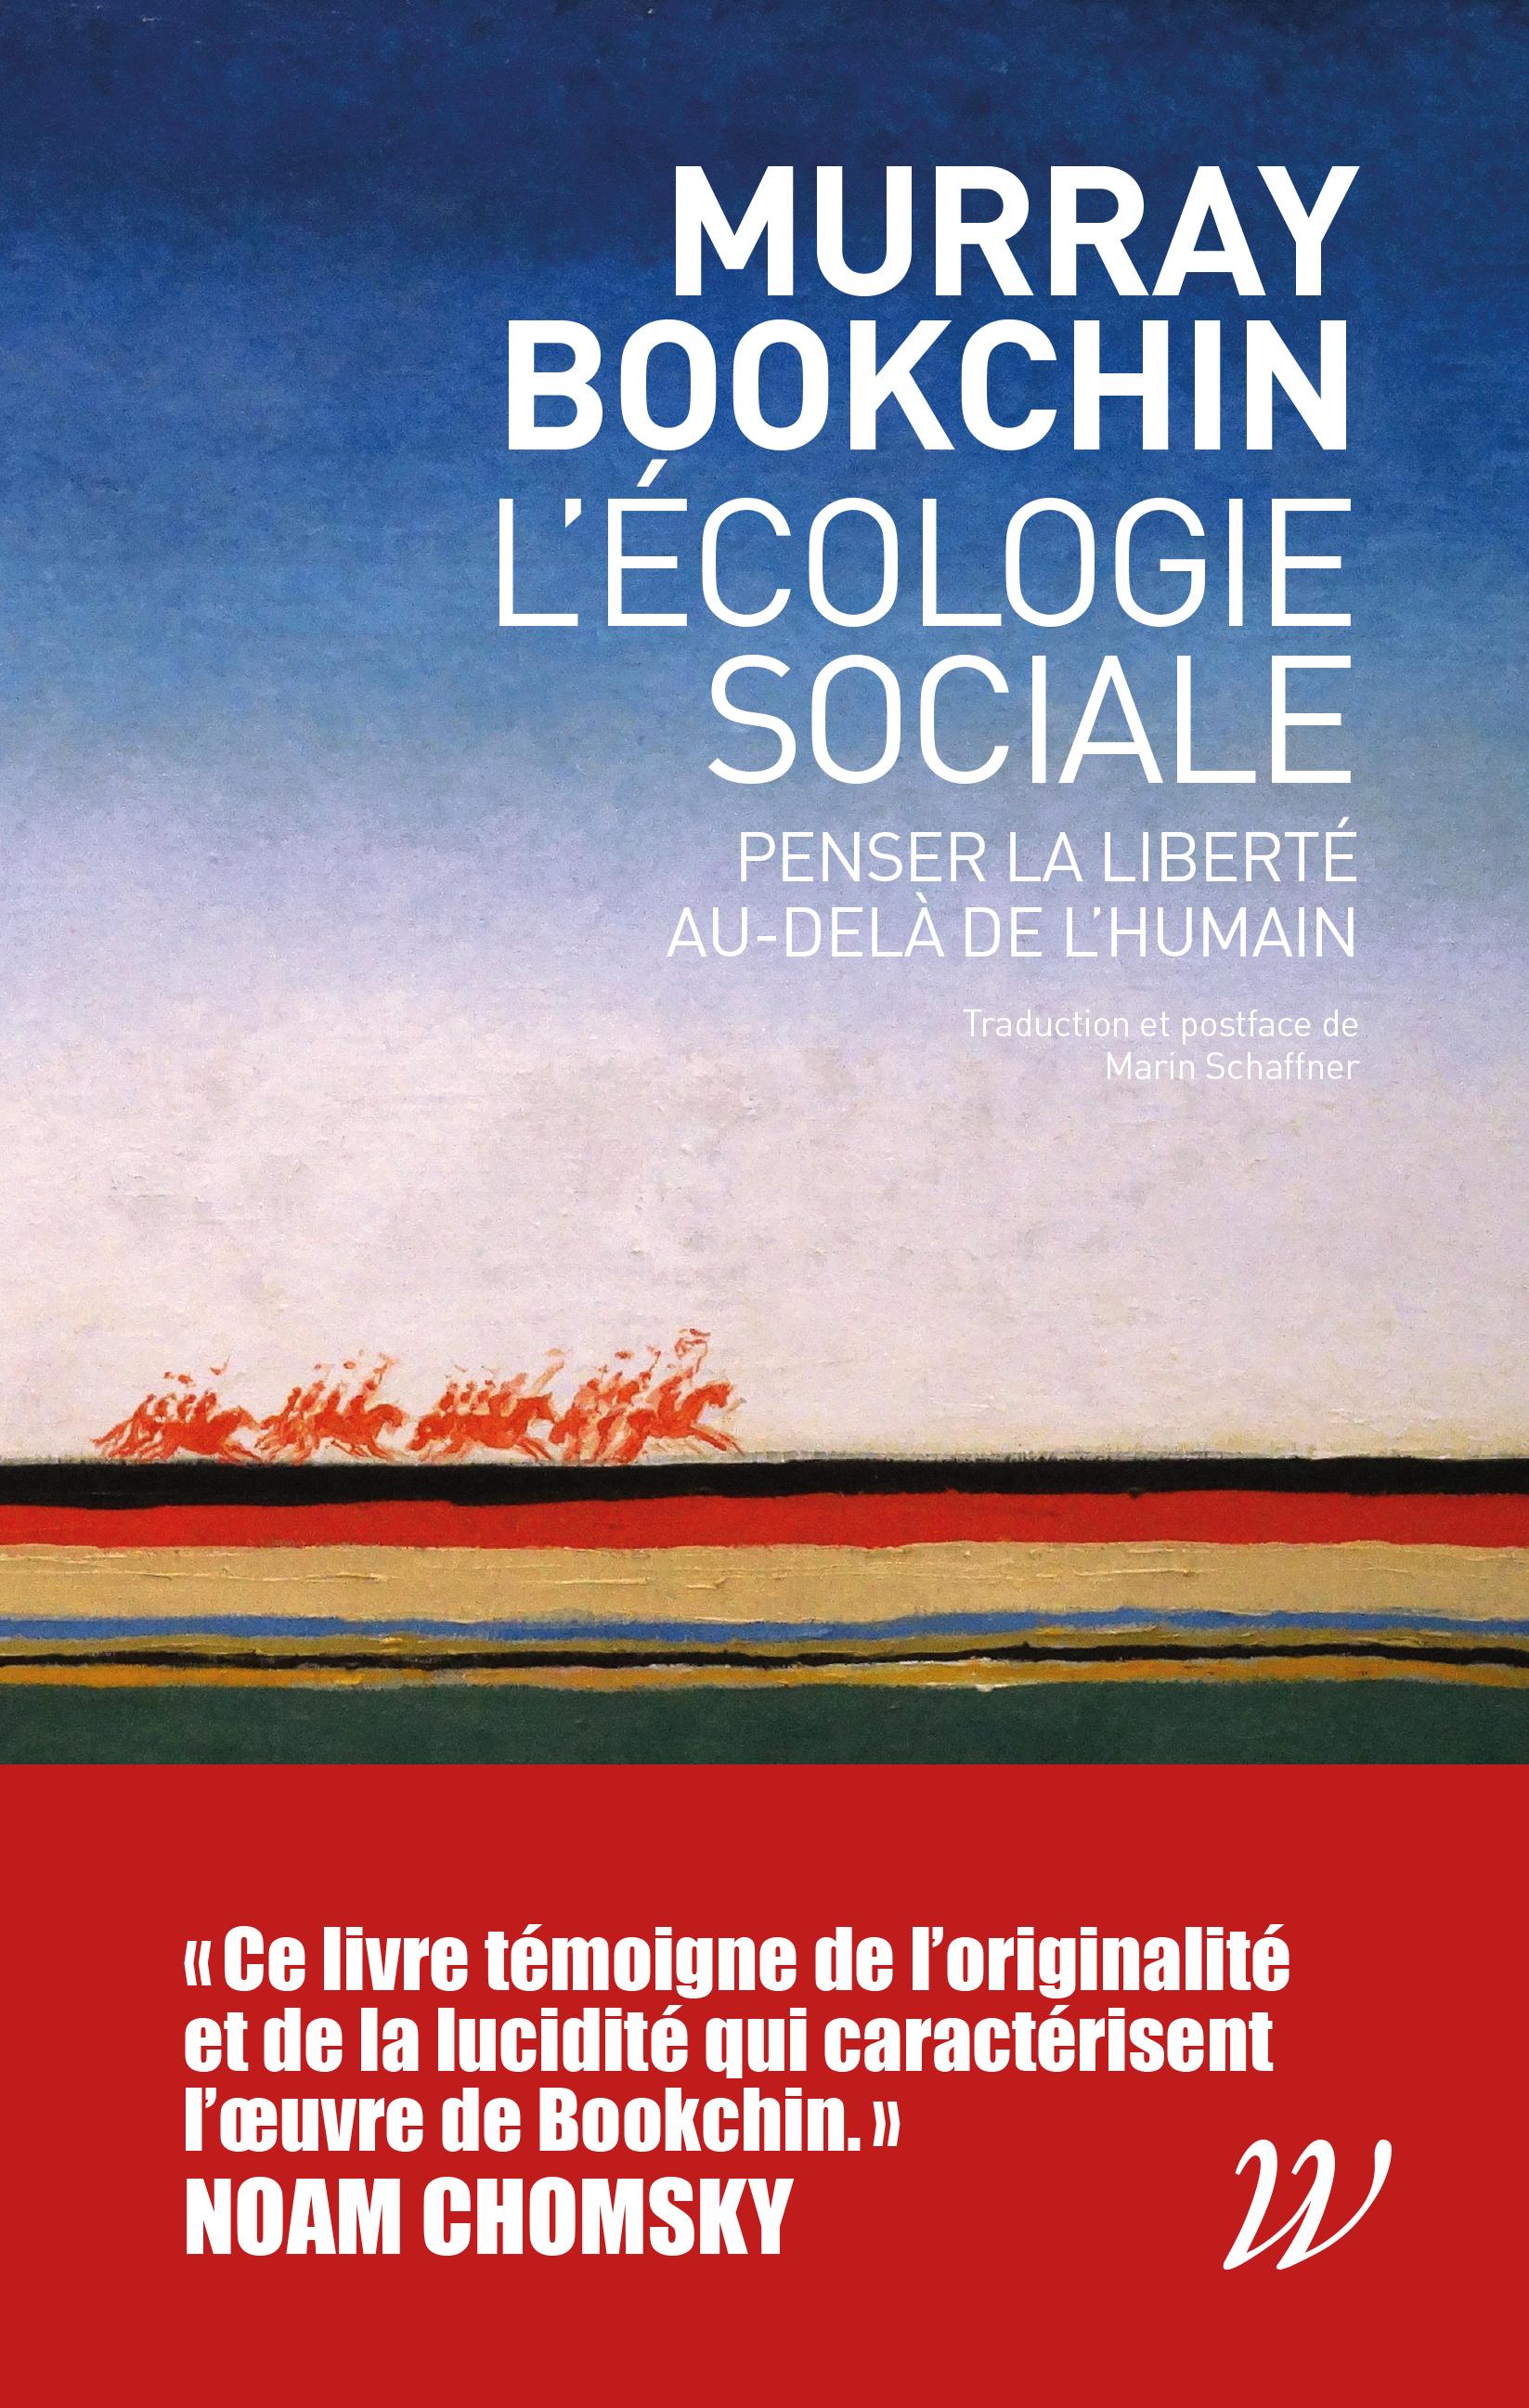 L' ECOLOGIE SOCIALE - PENSER LA LIBERTE AU-DELA DE L'HUMAIN